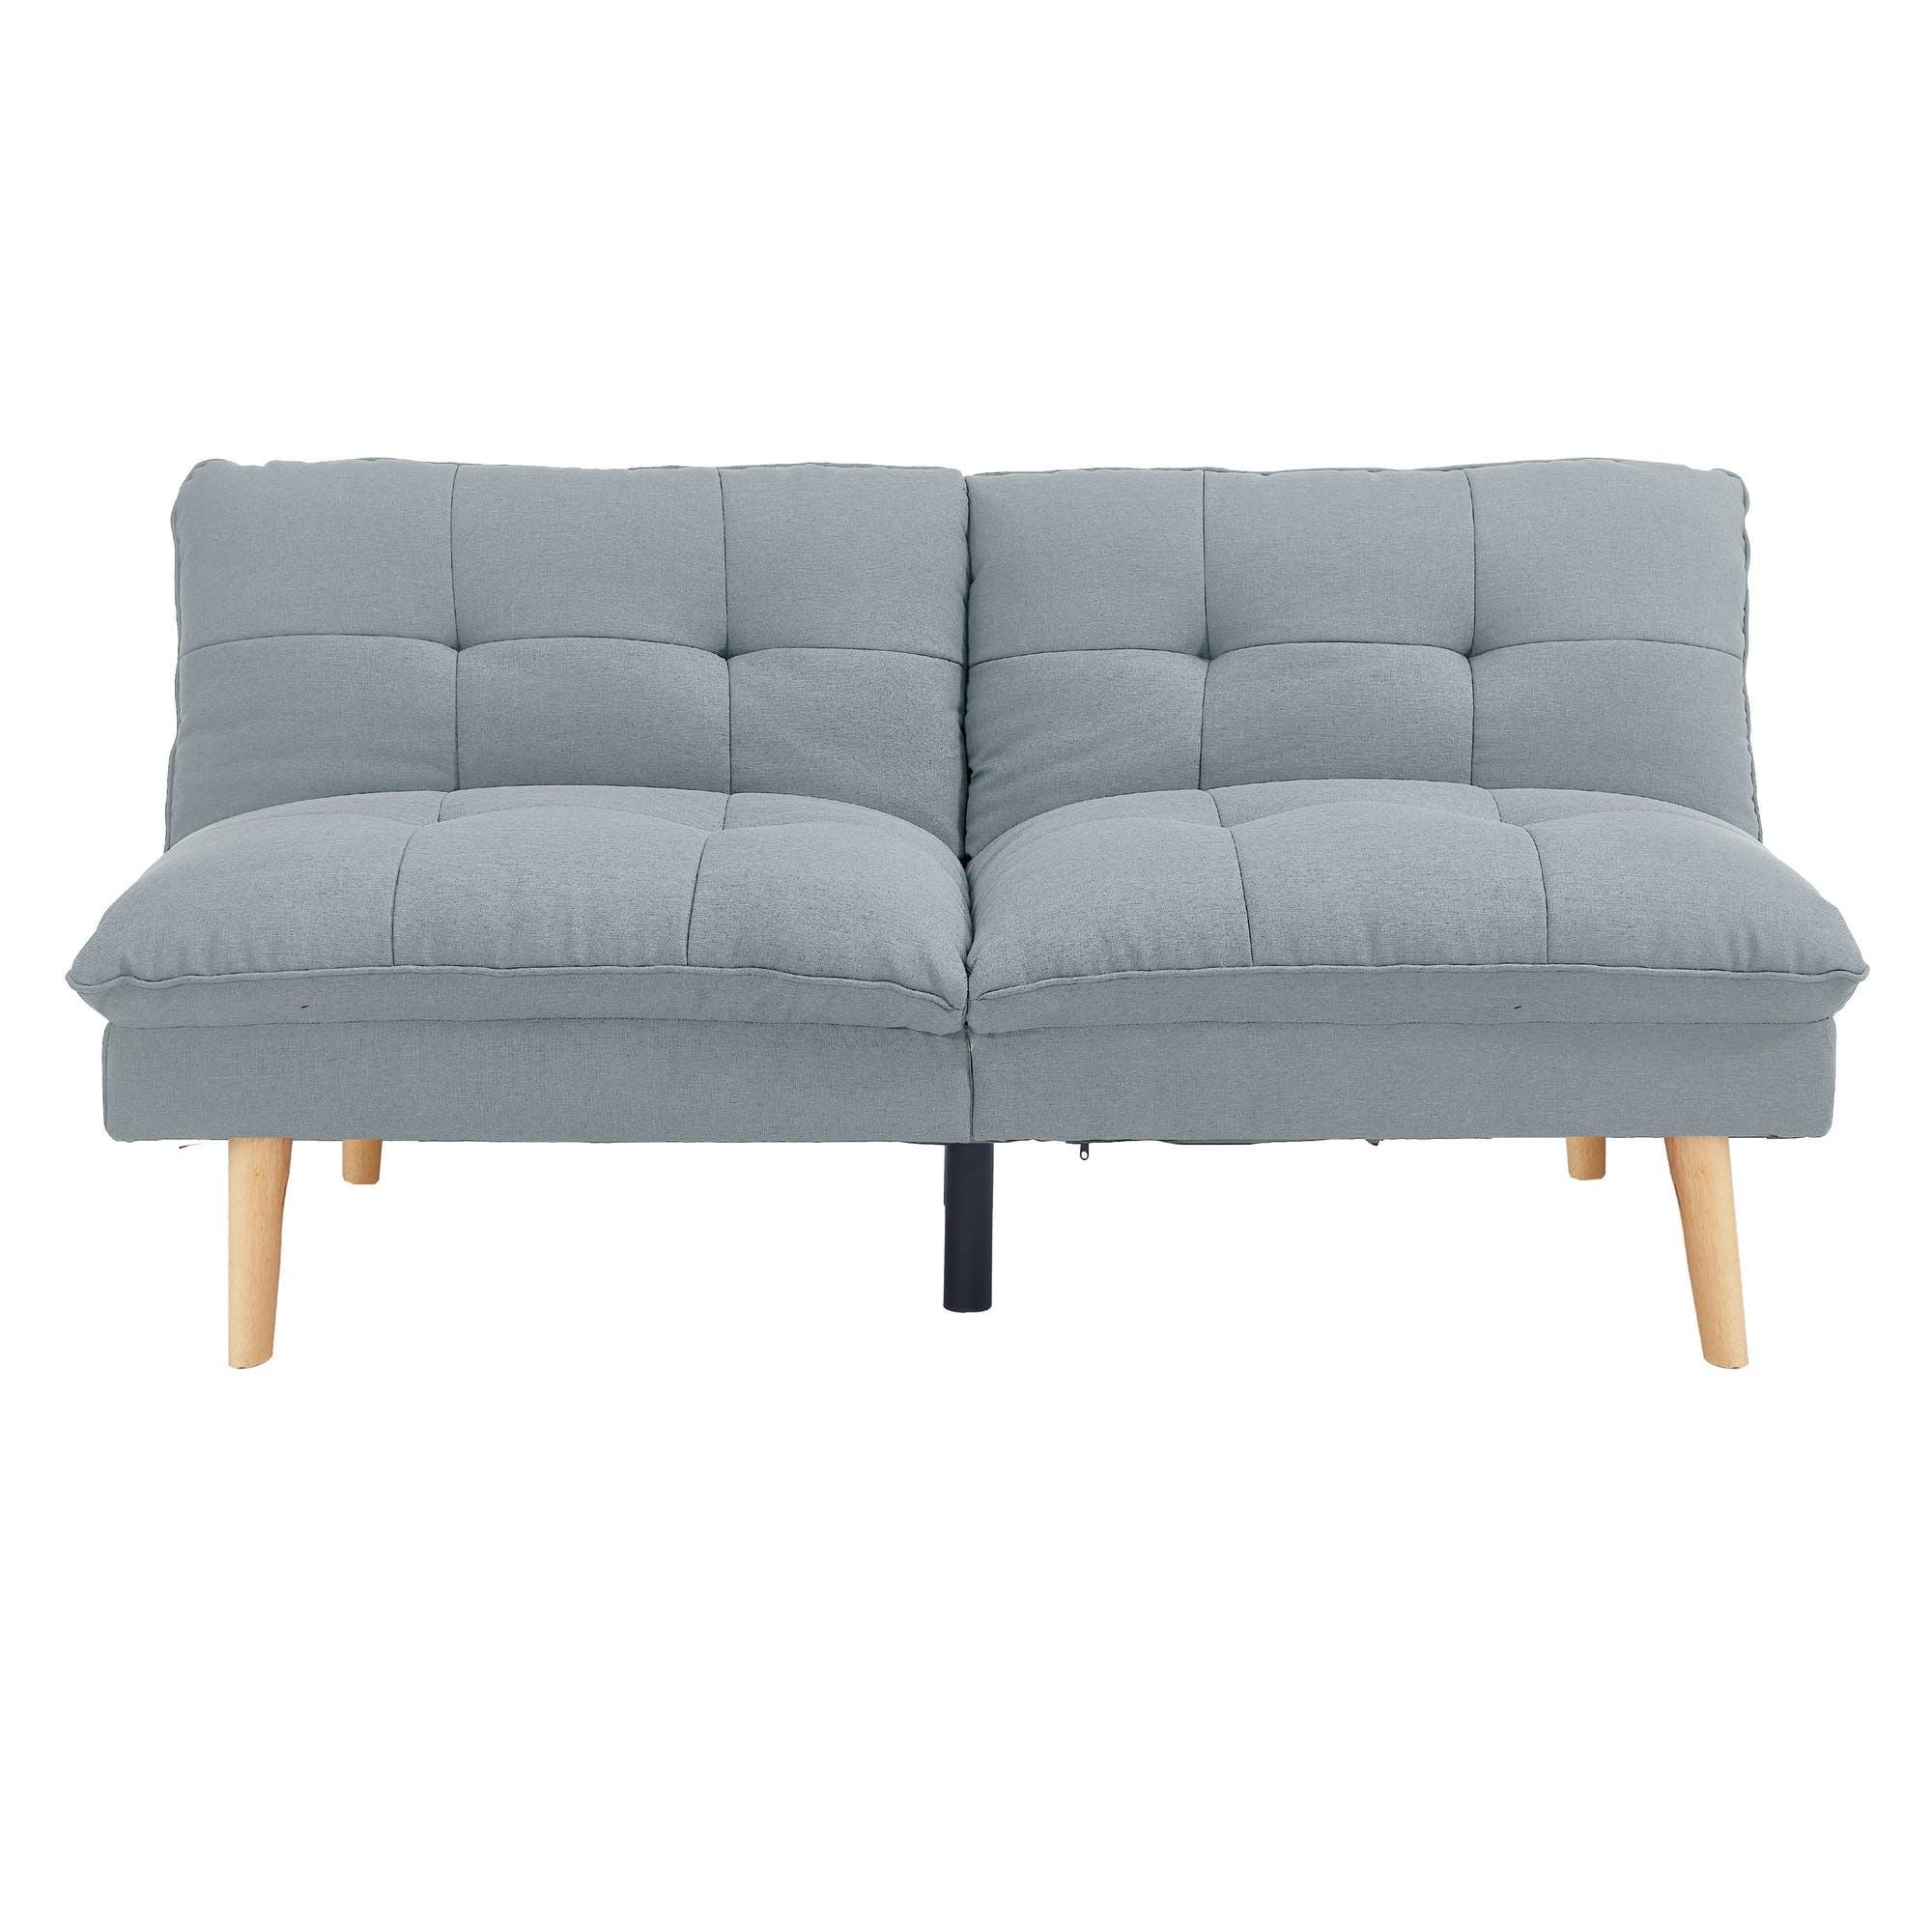 HipVan Jen Sofa Bed - Silver